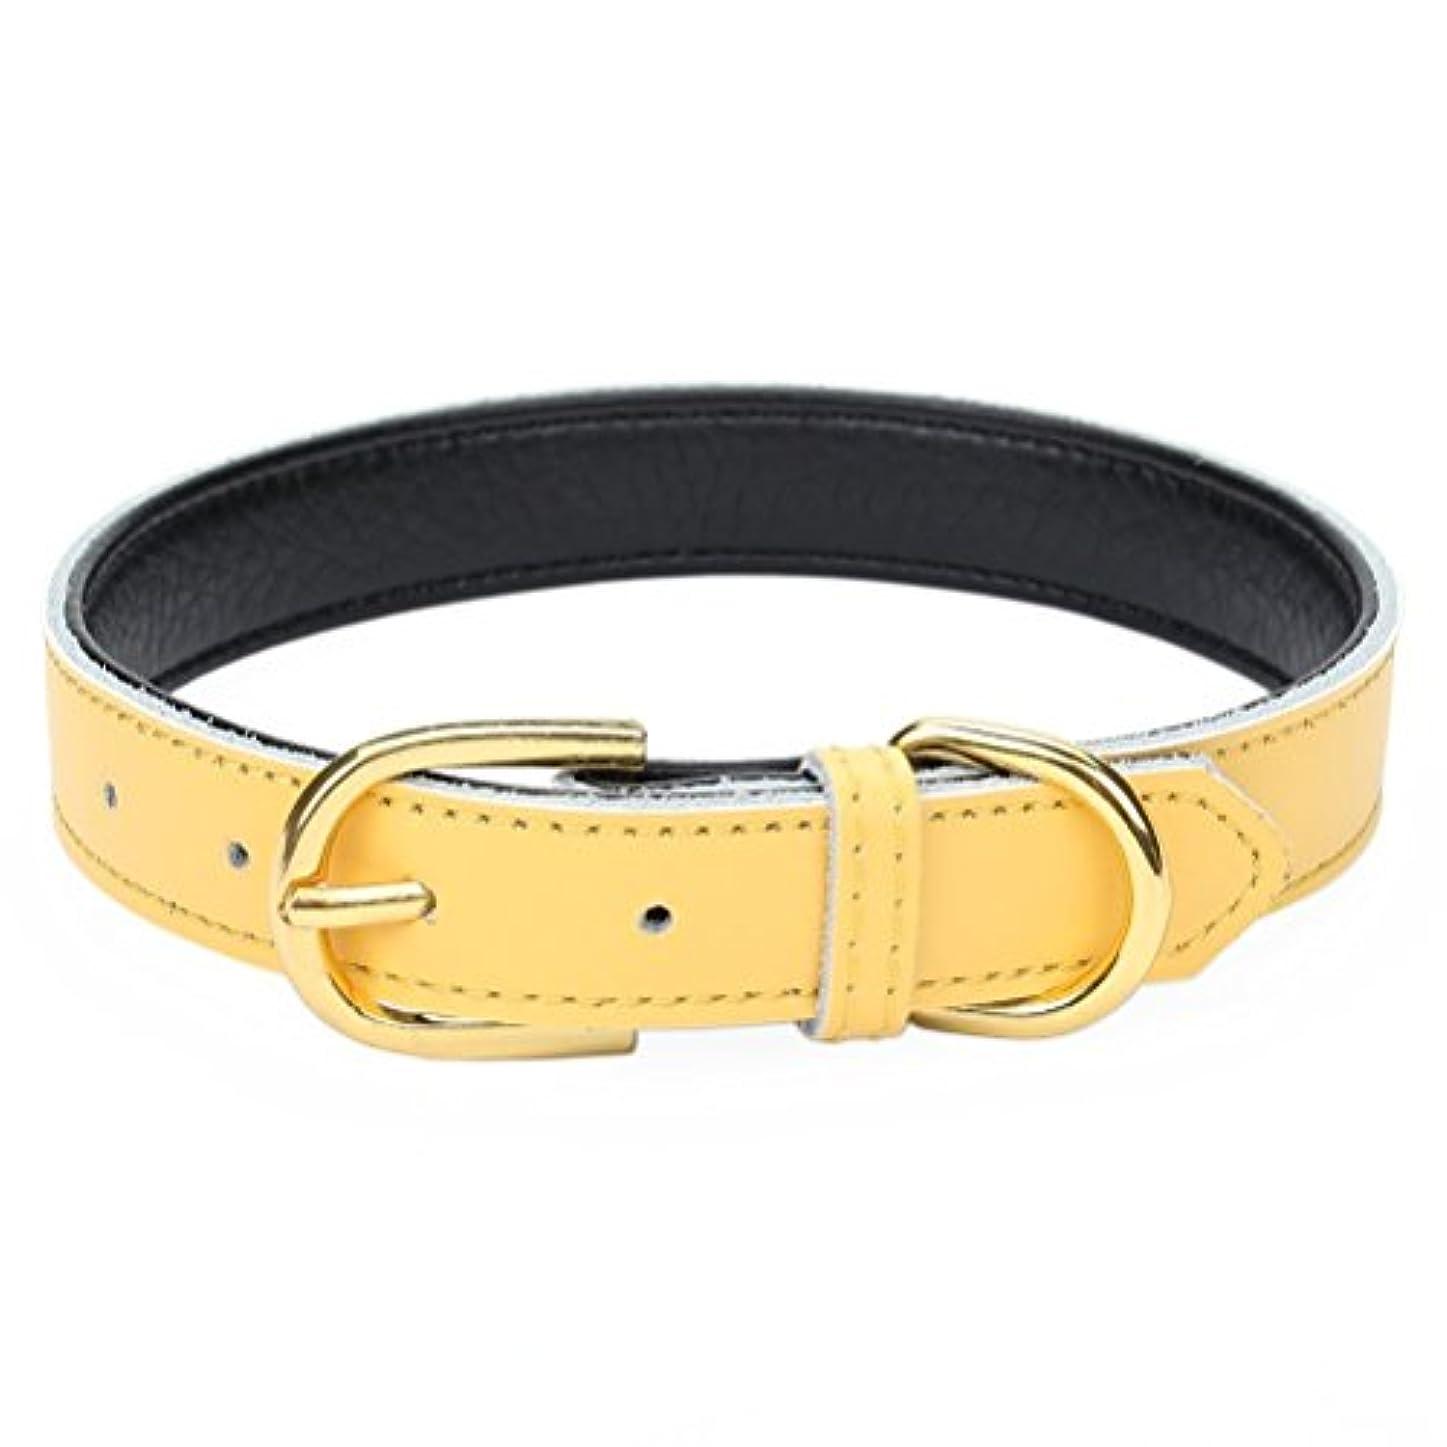 巻き戻すスパイ予想するMcdobexy 犬首輪 犬の首輪 ベーシック11色 5穴 調節 可能 パッド入り本革 かわいい おしゃれ 中型犬 小型犬 猫